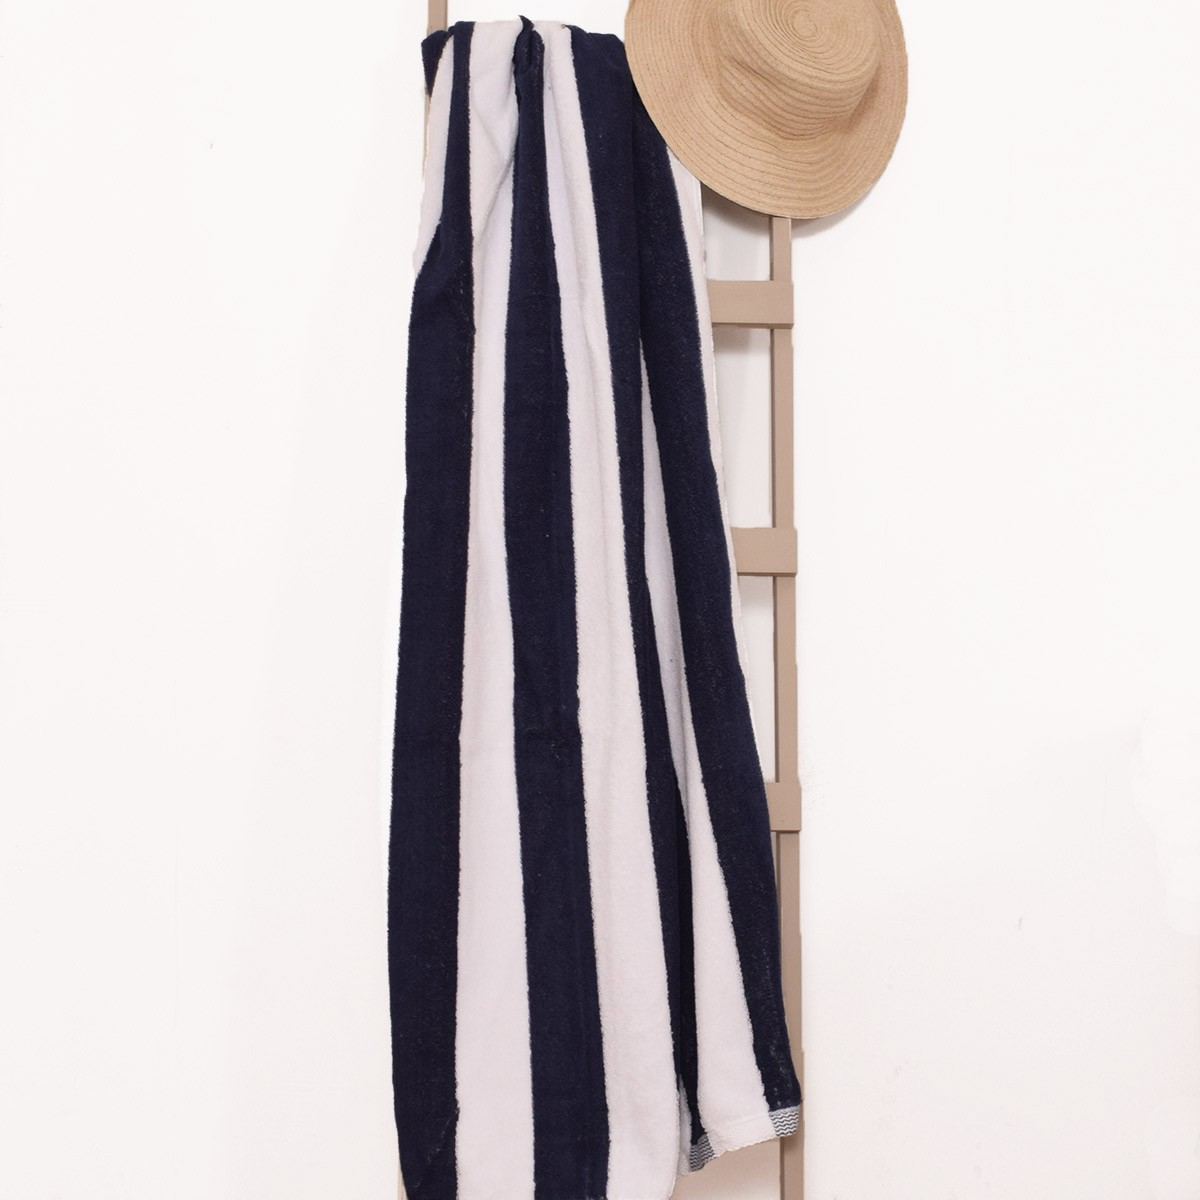 Πετσέτα Πισίνας (85x180) Ριγέ Μπλε-Λευκό home   επαγγελματικός εξοπλισμός   ξενοδοχειακός εξοπλισμός   πετσέτες ξενοδοχεί